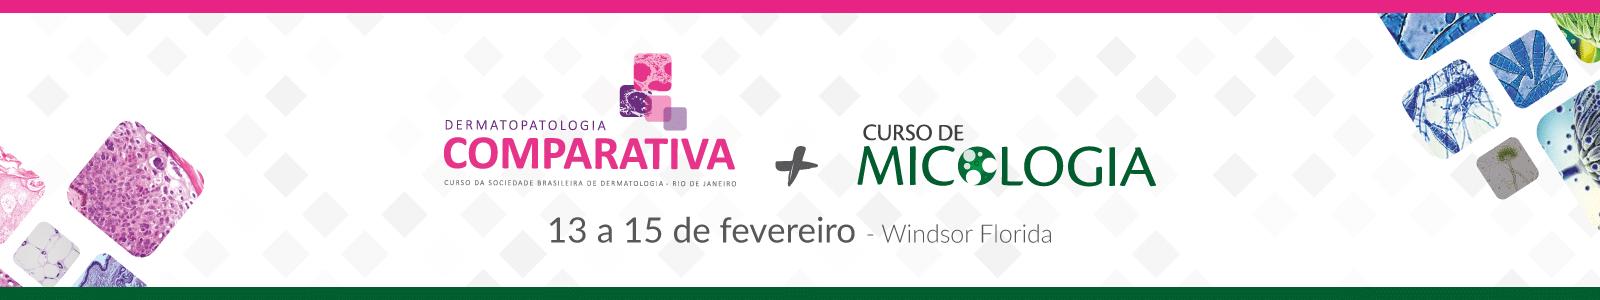 CURSO DE DERMATOPATOLOGIA + CURSO DE MICOLOGIA 2020